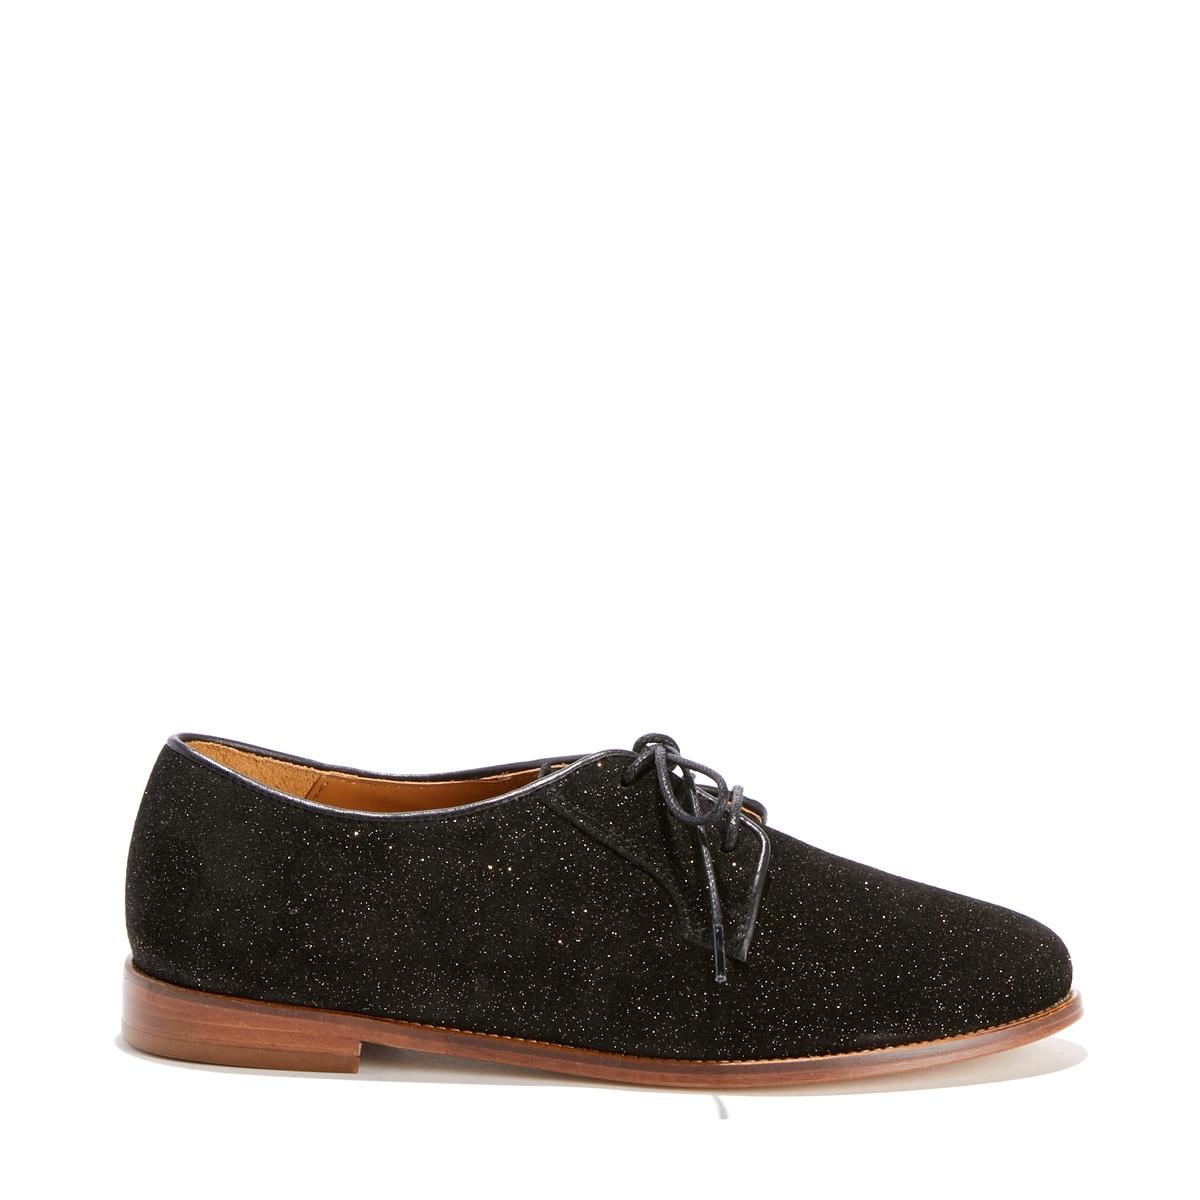 Ботинки-дерби кожаные с пайетками ботинки дерби кожаные gilman cap